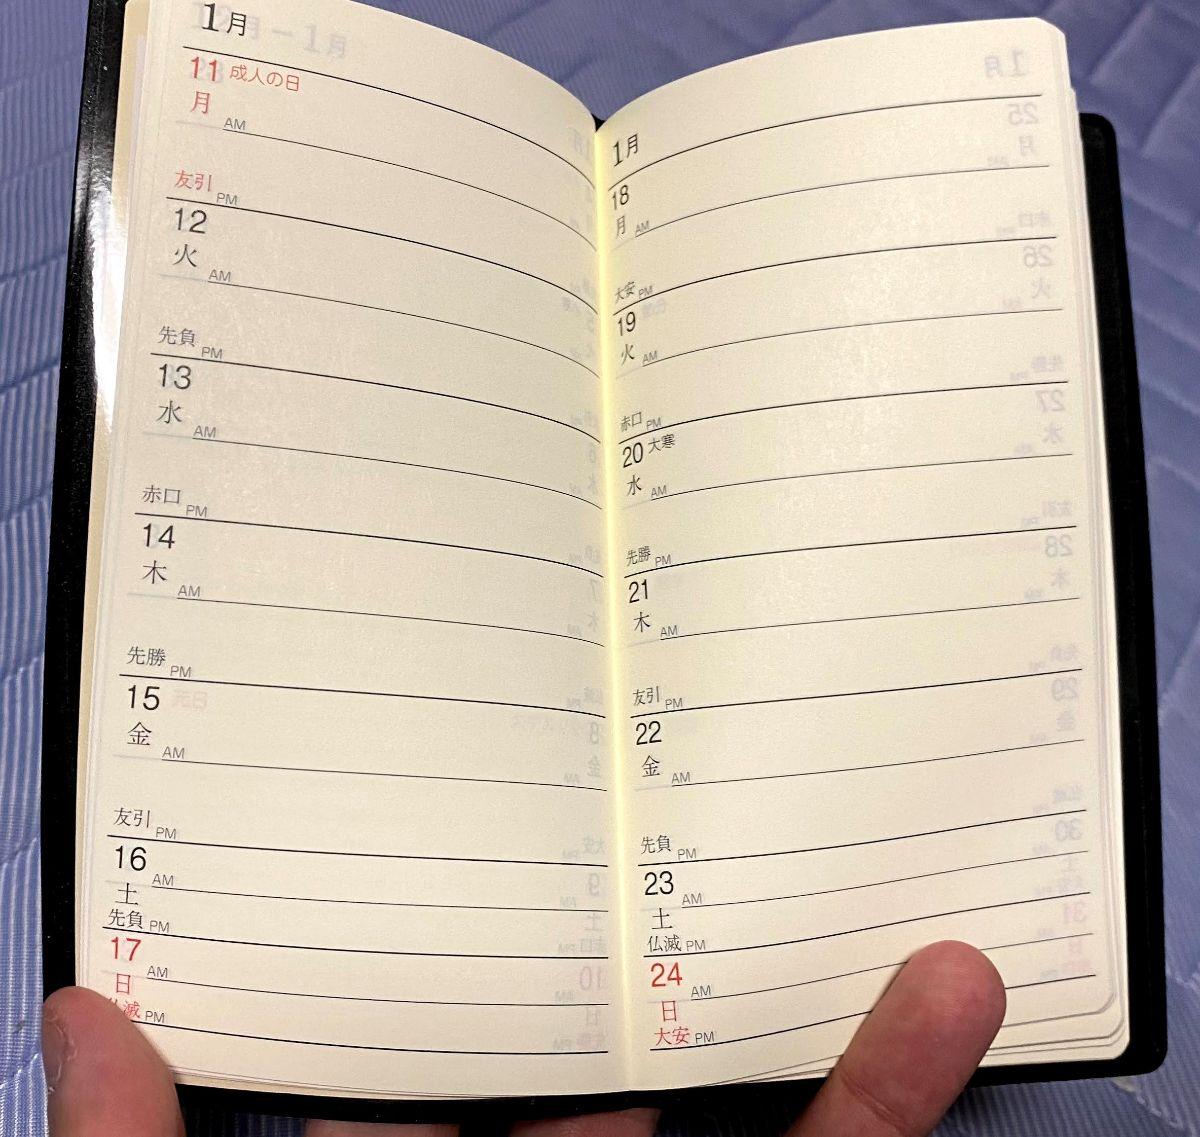 中小企業診断士手帳